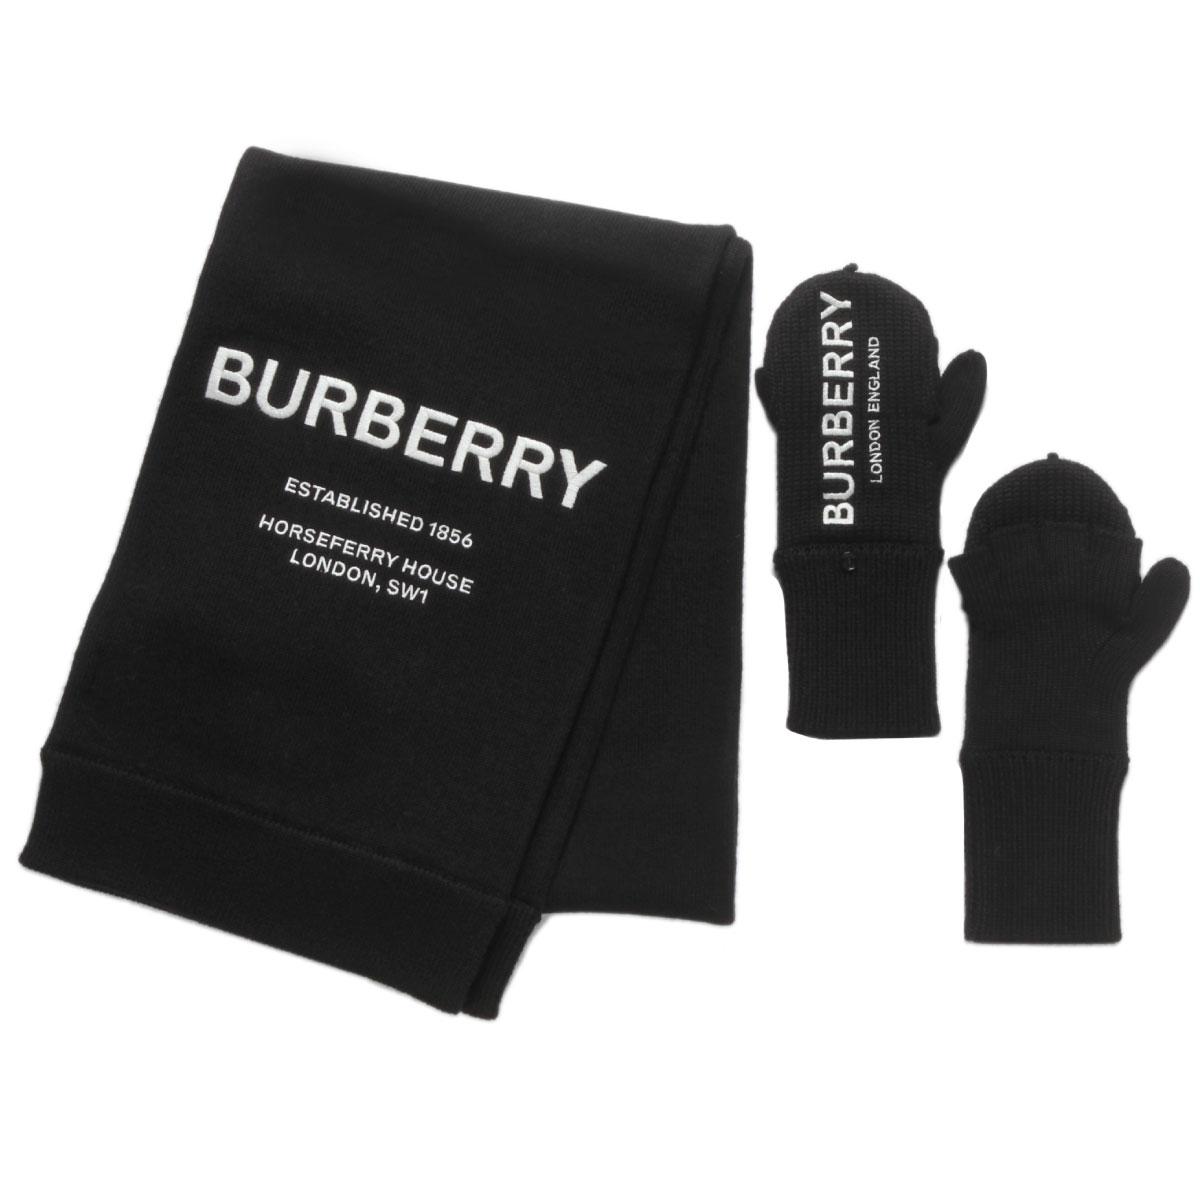 バーバリー BURBERRY グローブ キッズ ボーイズ ガールズ 8015713 マフラー付 グローブ BLACK ブラック